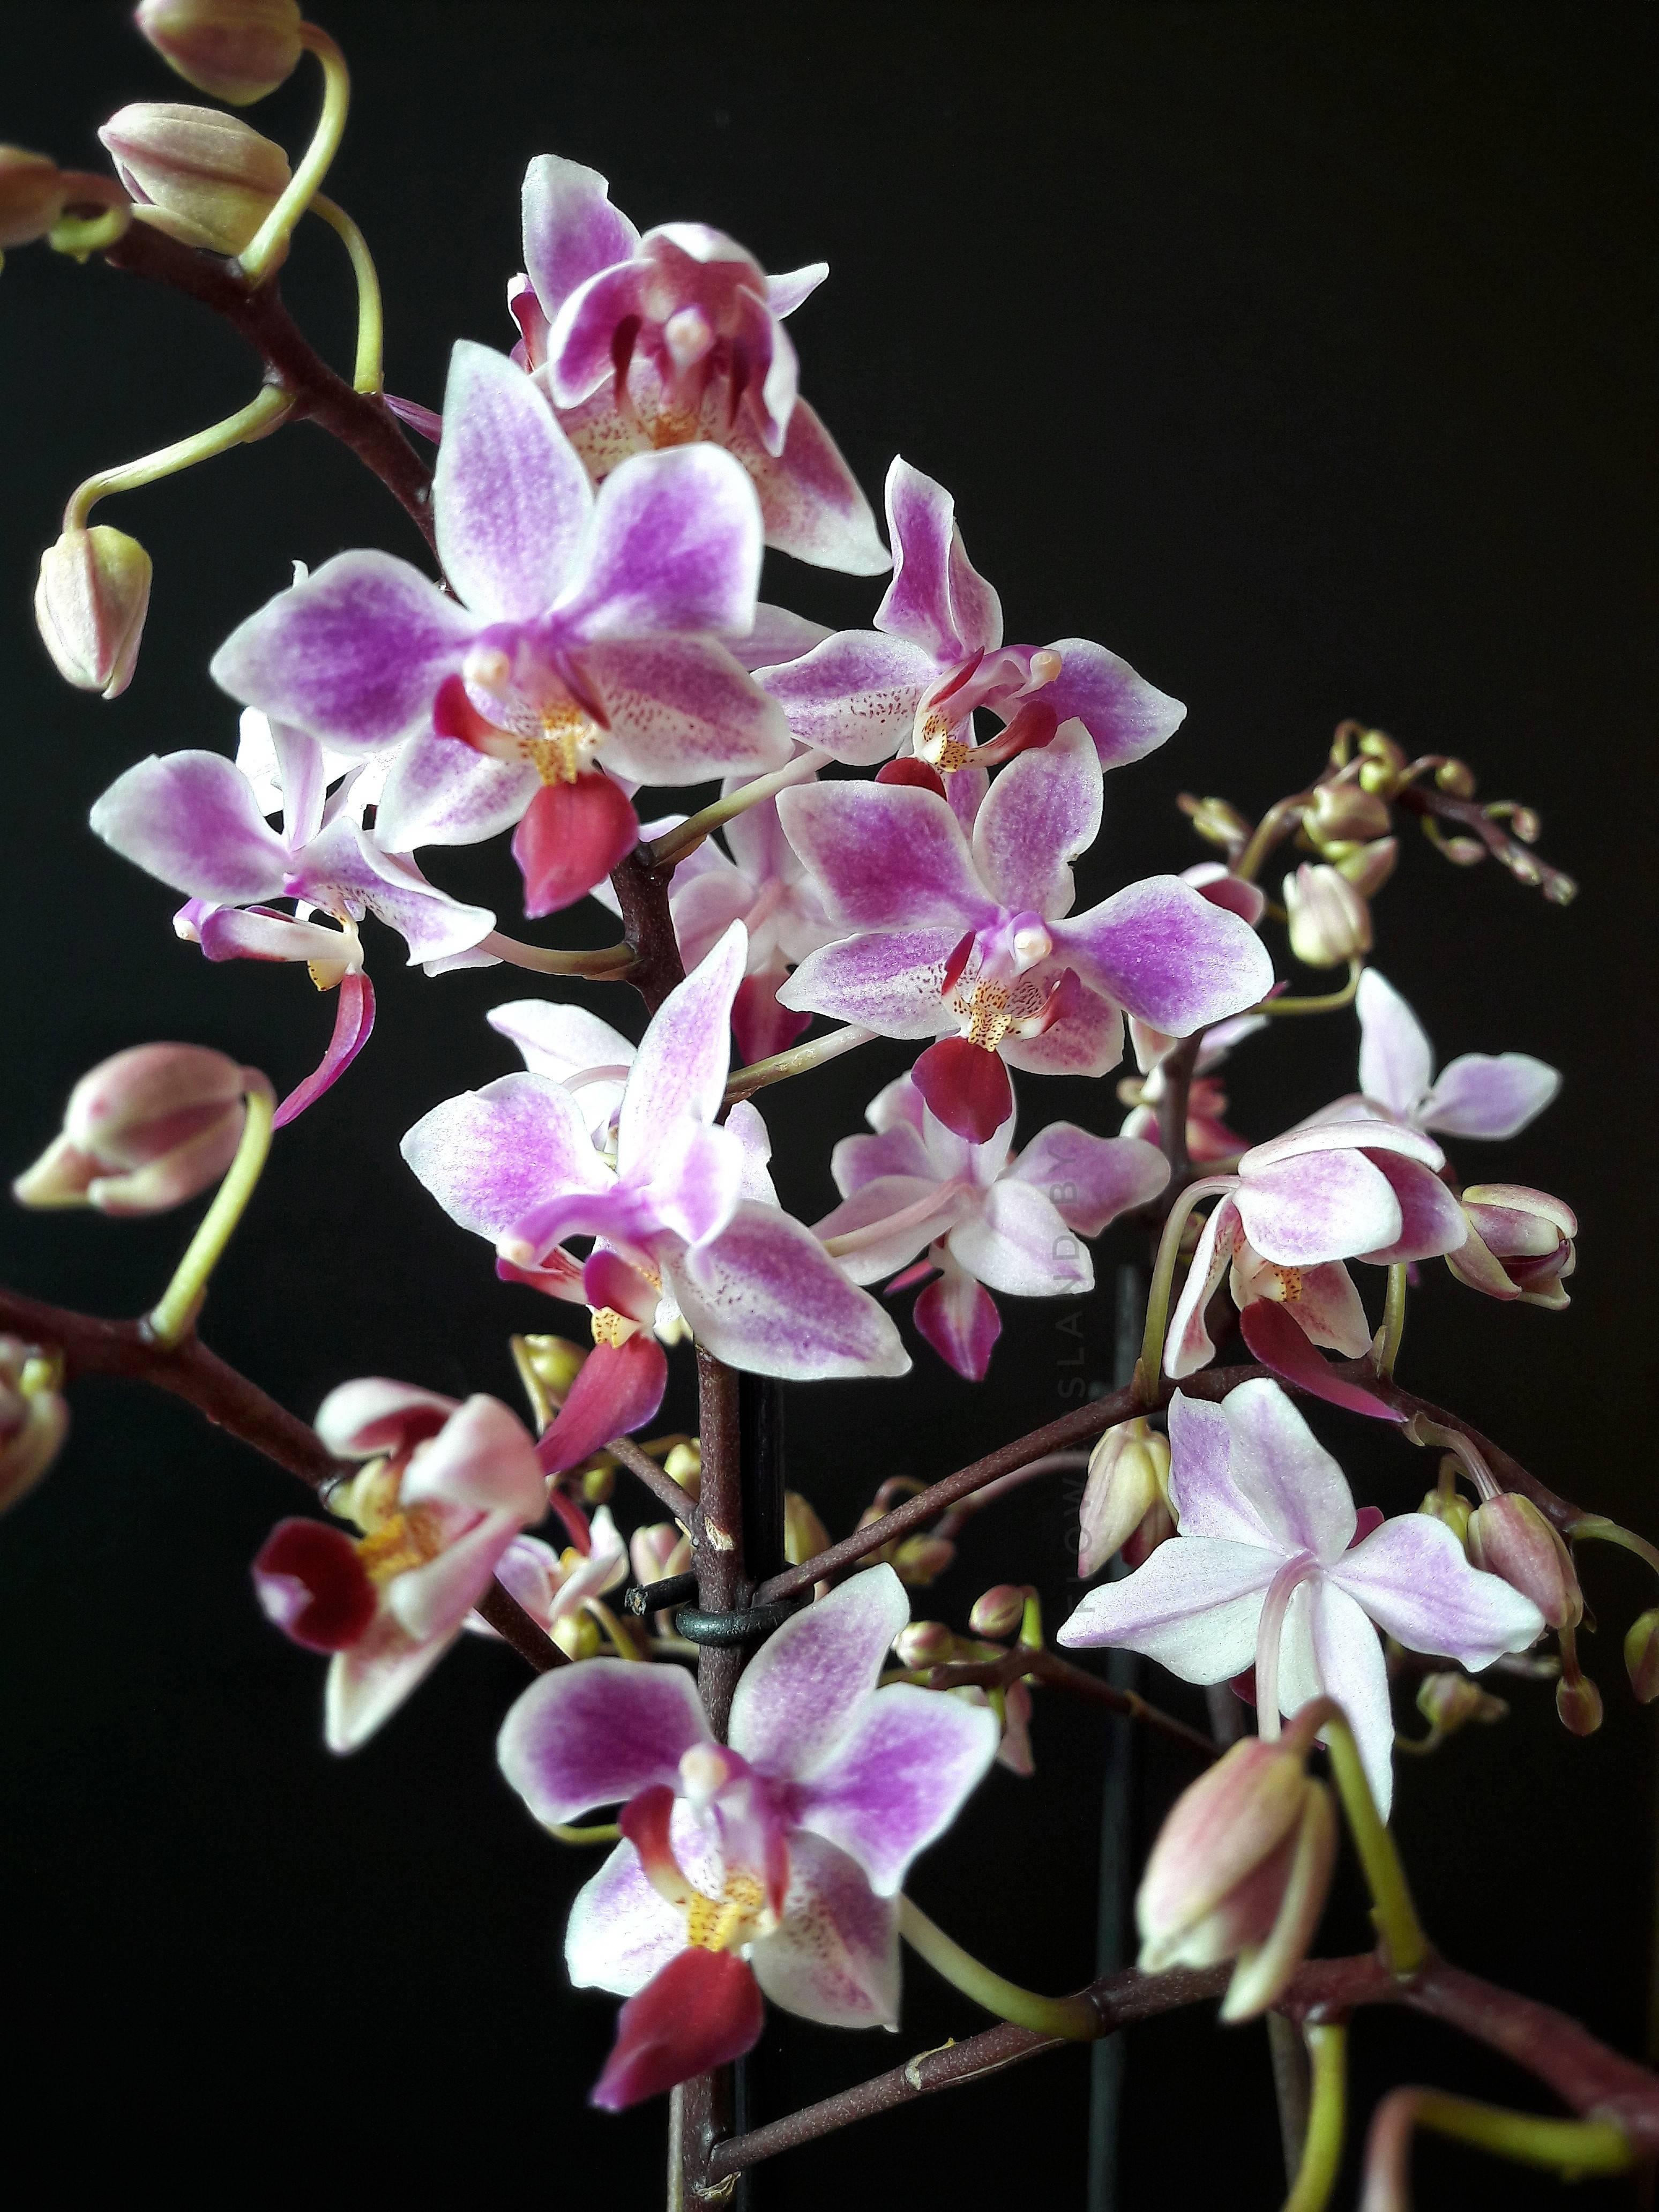 Сорта фаленопсисов чармер, чарминг, эквестрис, falstaff: описание и фото орхидей